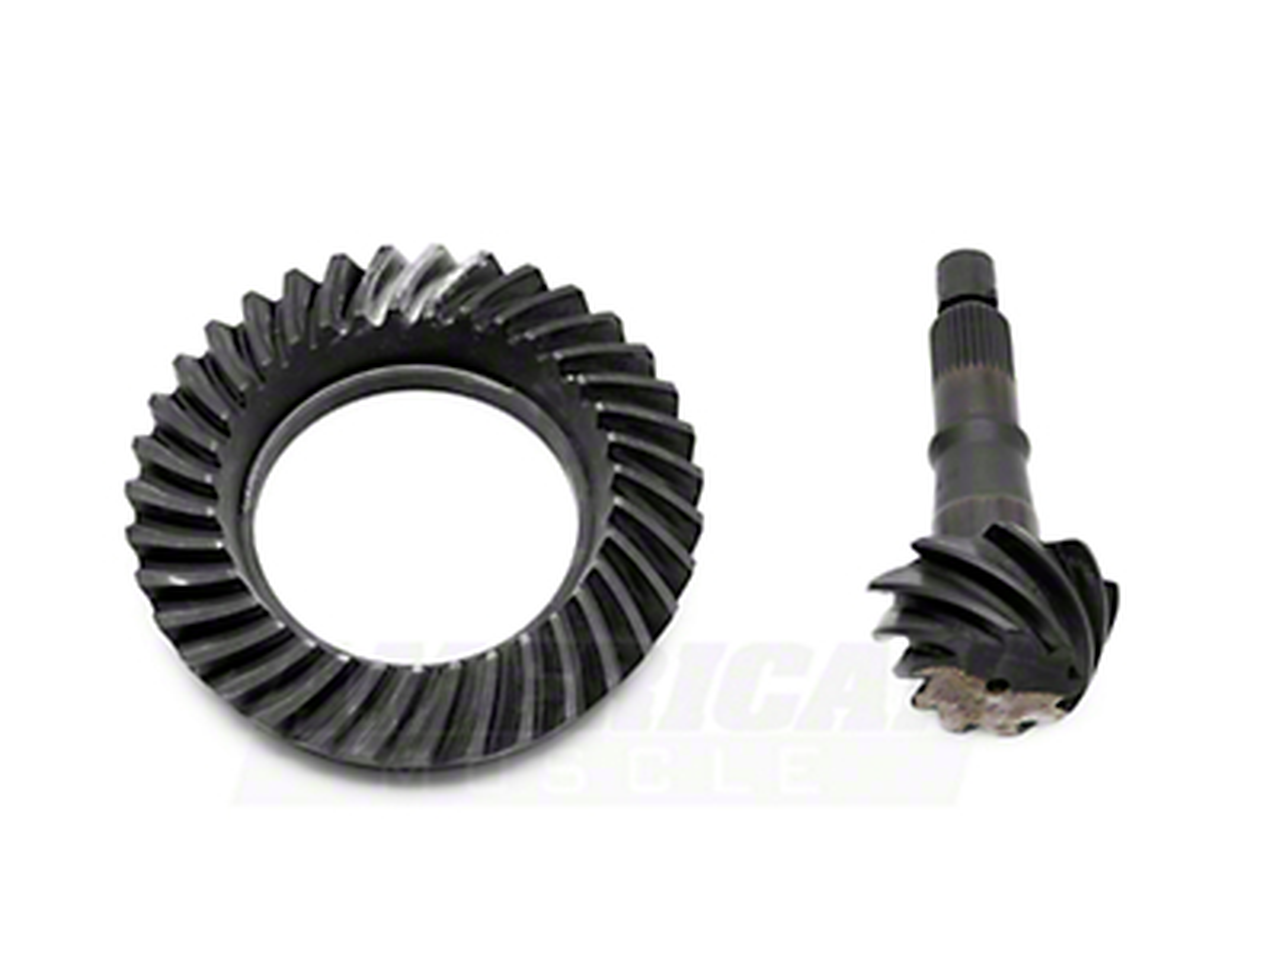 USA Standard 4.56 Gears (11-14 V6)